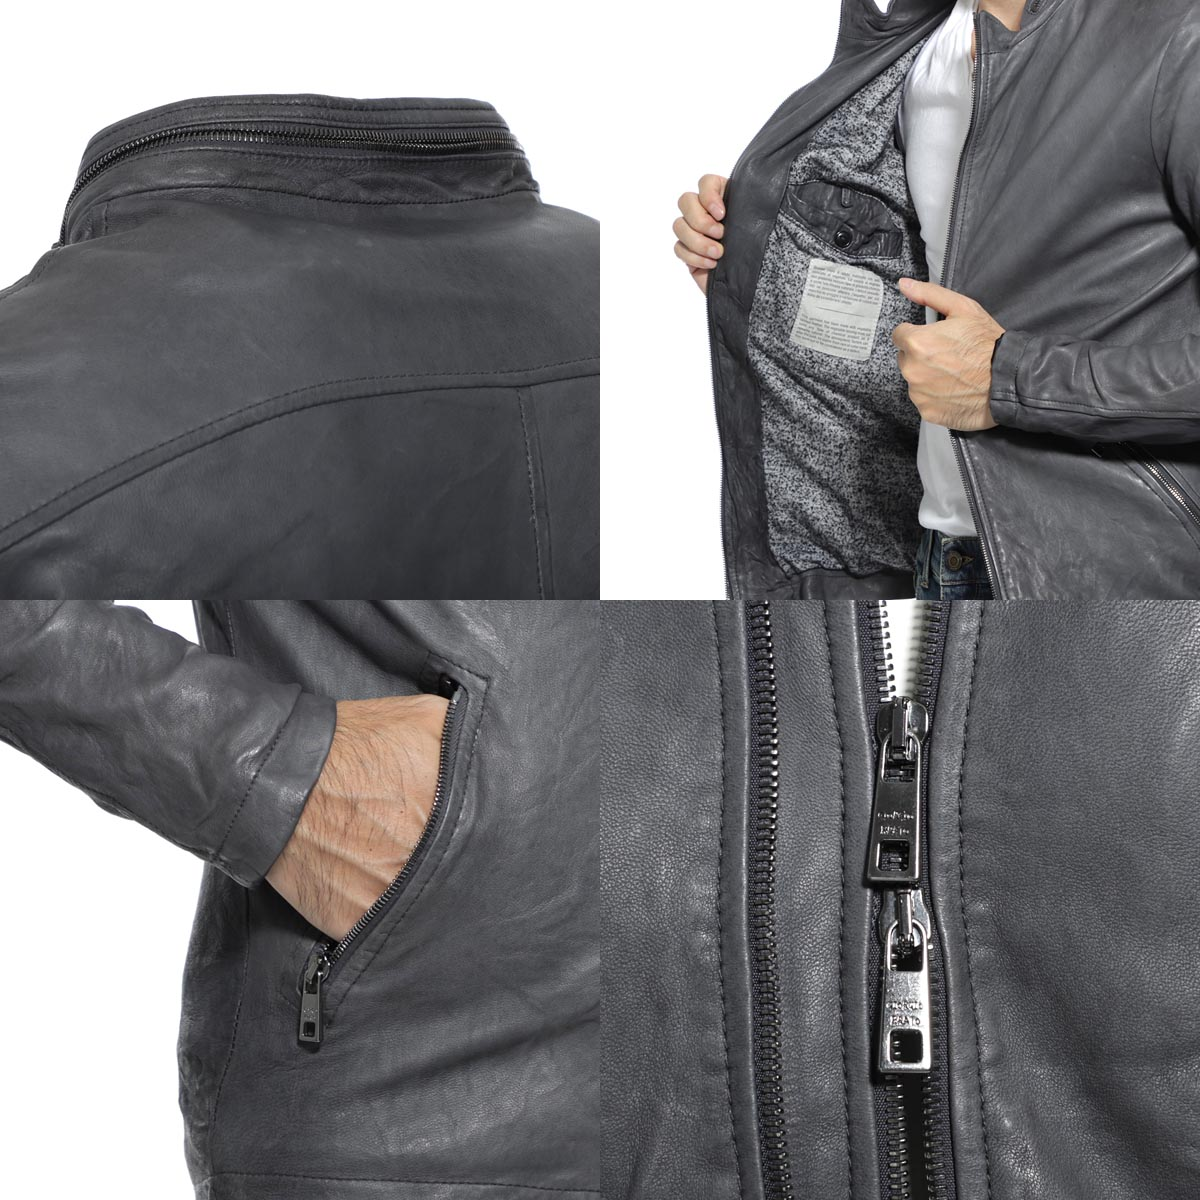 【アウトレット】GIORGIO BRATO  ジョルジオブラット ライダースジャケット/レザージャケット ブルゾン/VERA PELLE メンズ